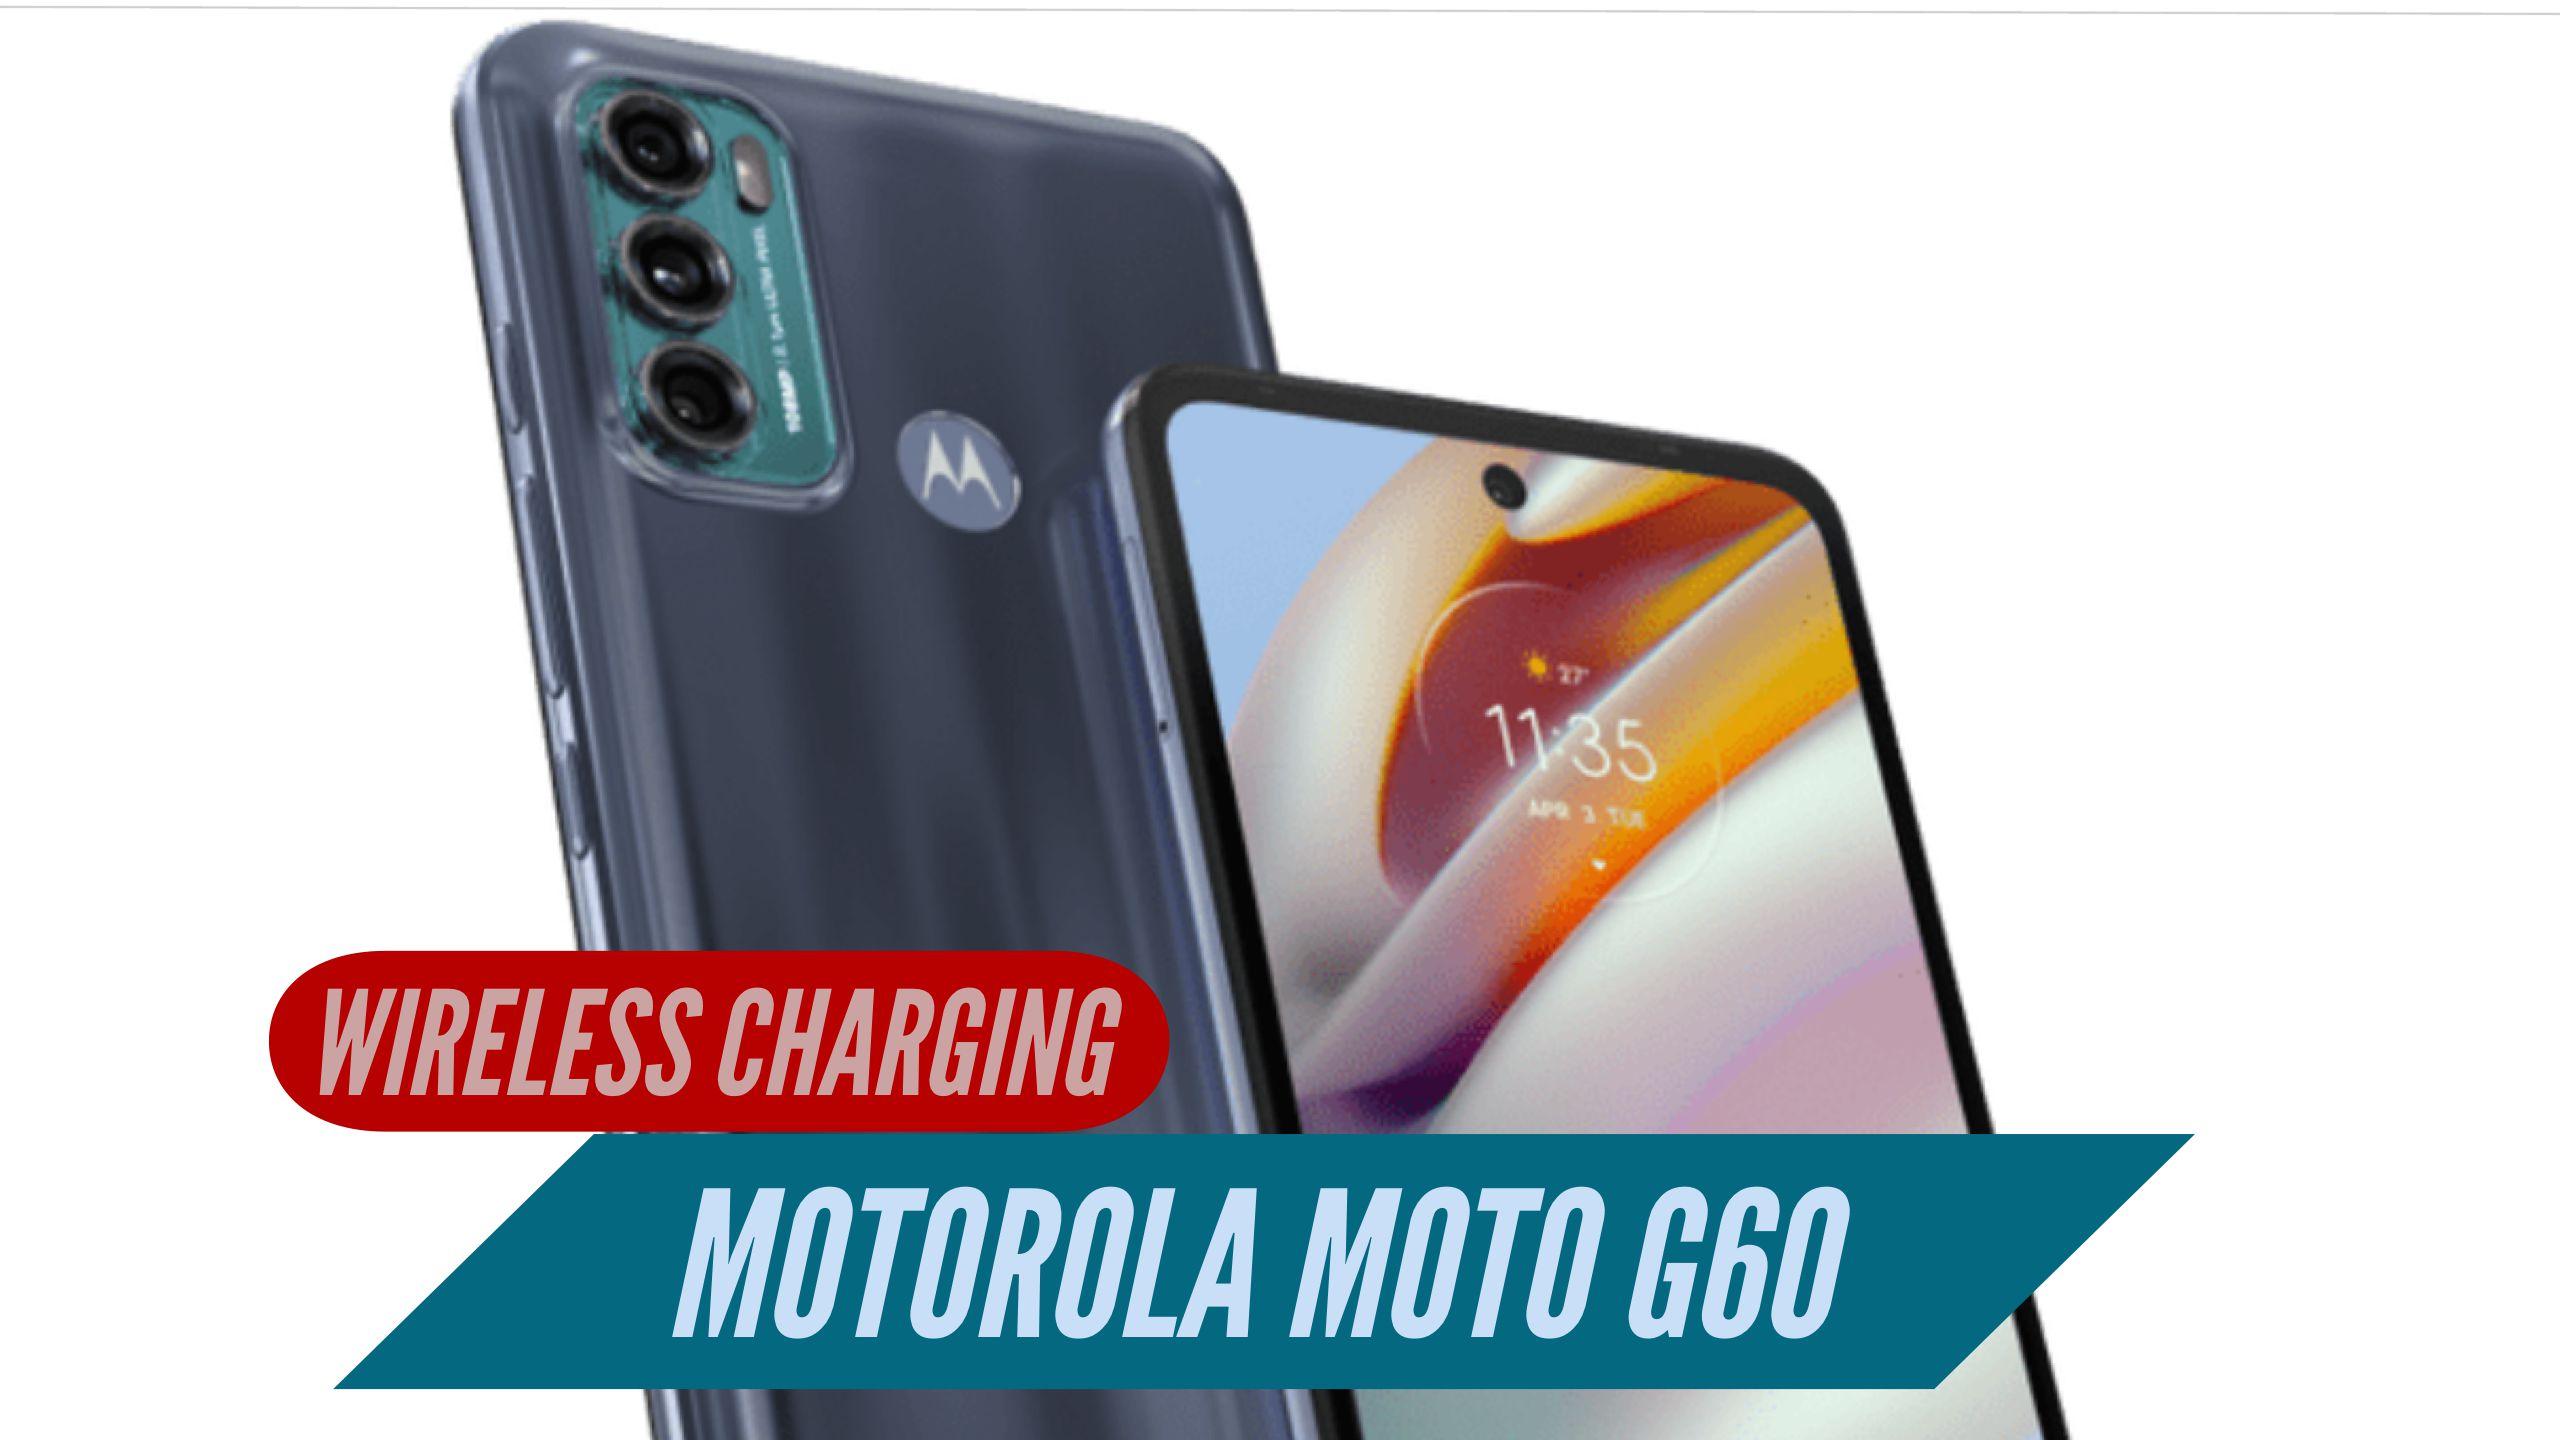 Motorola Moto G60 Wireless Charging